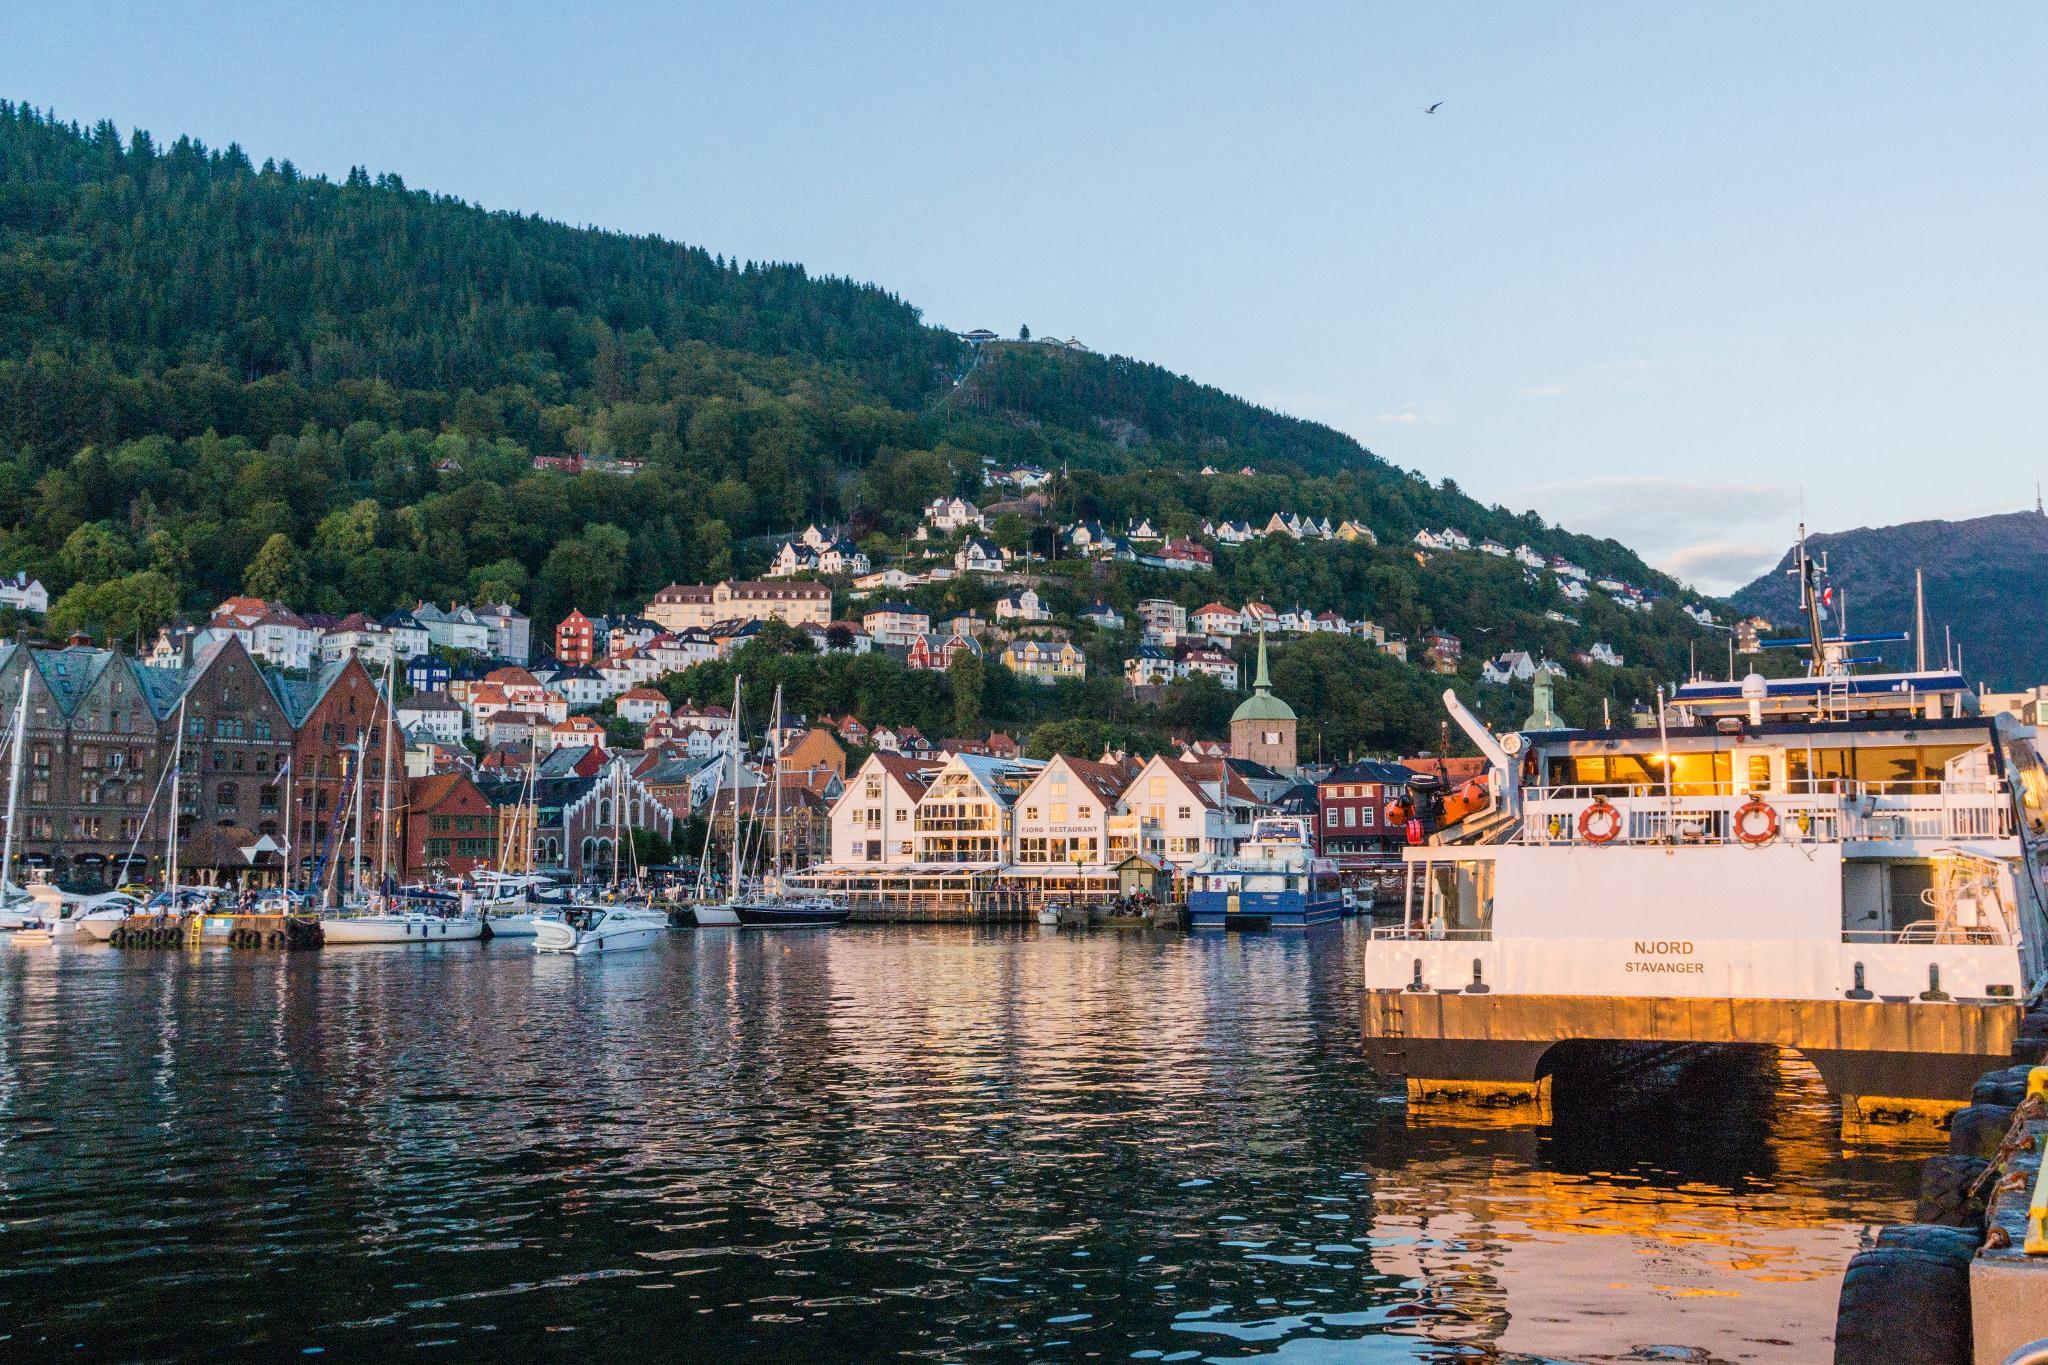 【卑爾根】Fløyen 佛洛伊恩山纜車與觀景台 — 擁抱文化港都的百萬美景 113